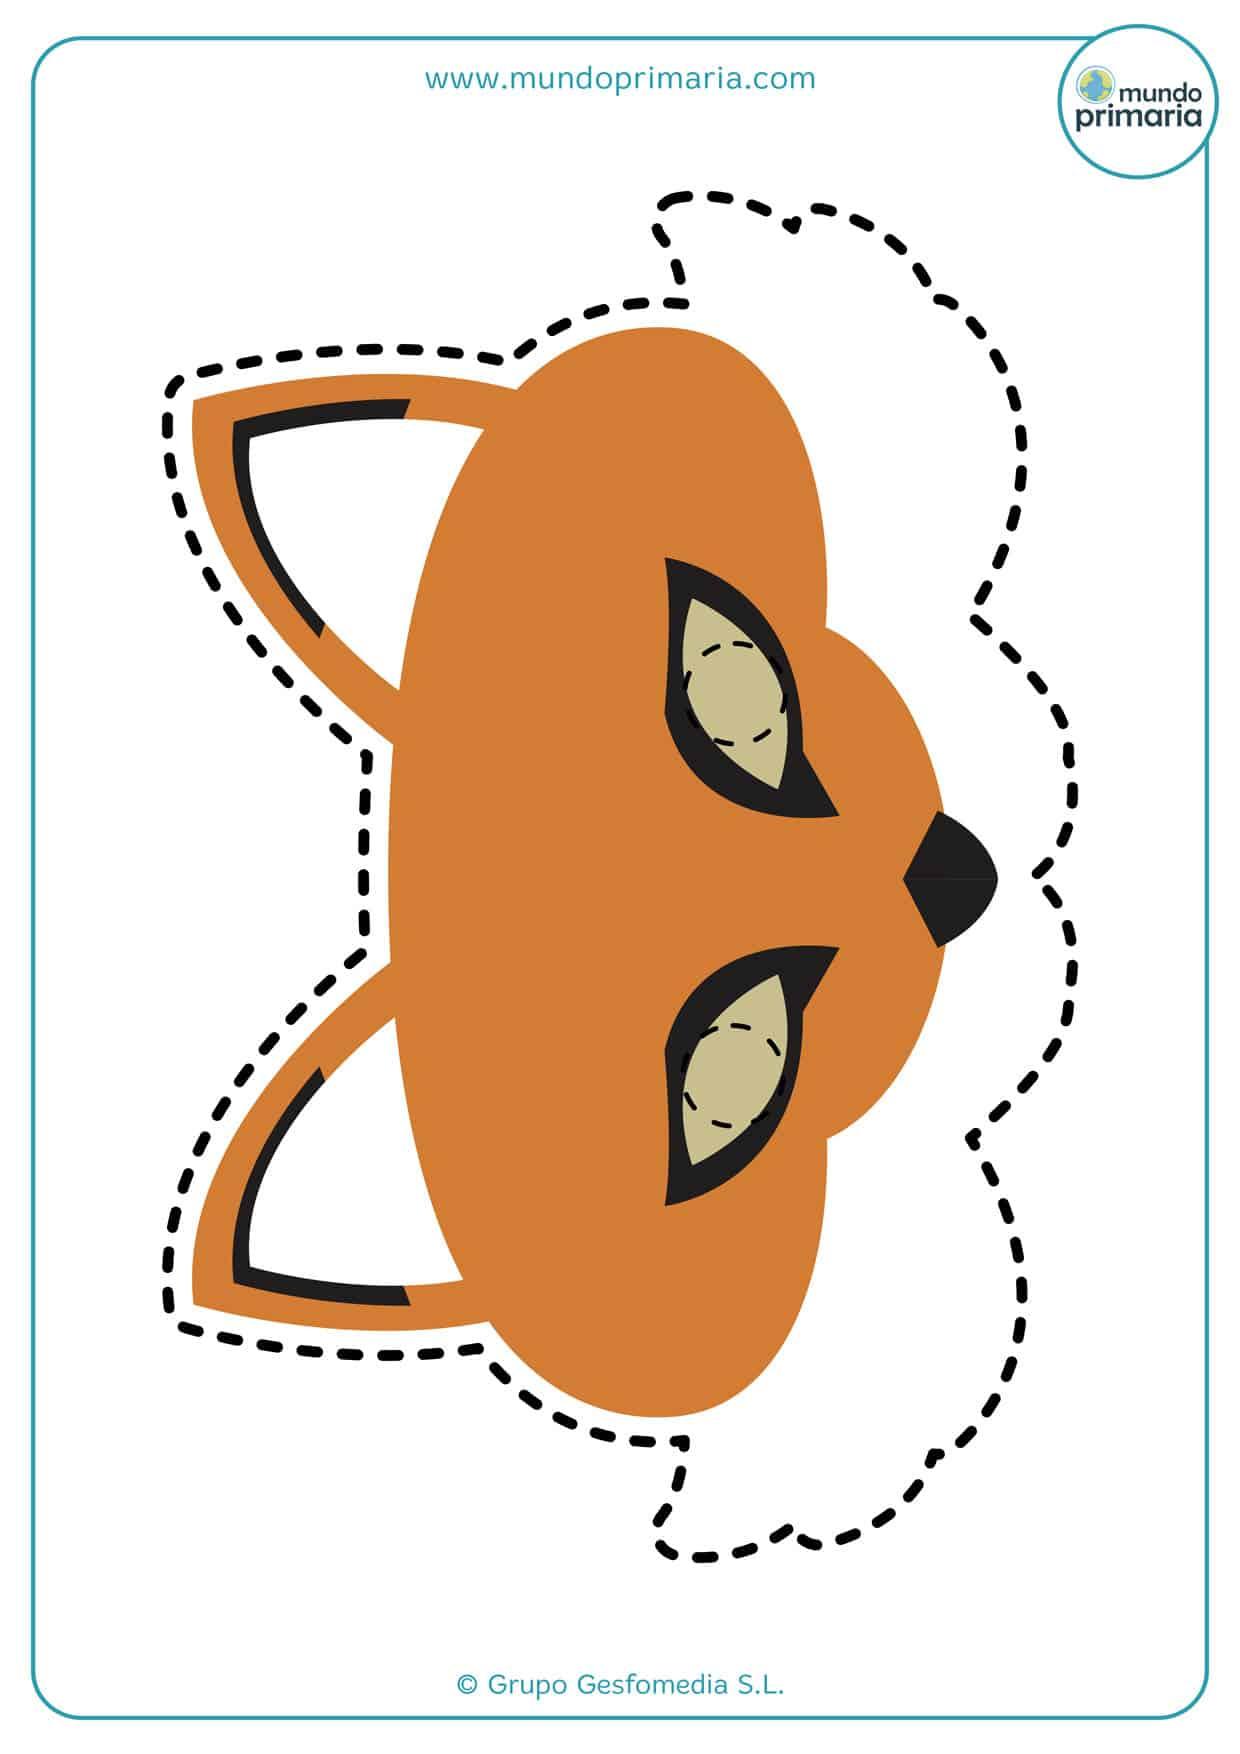 Caretas de animales: el zorro